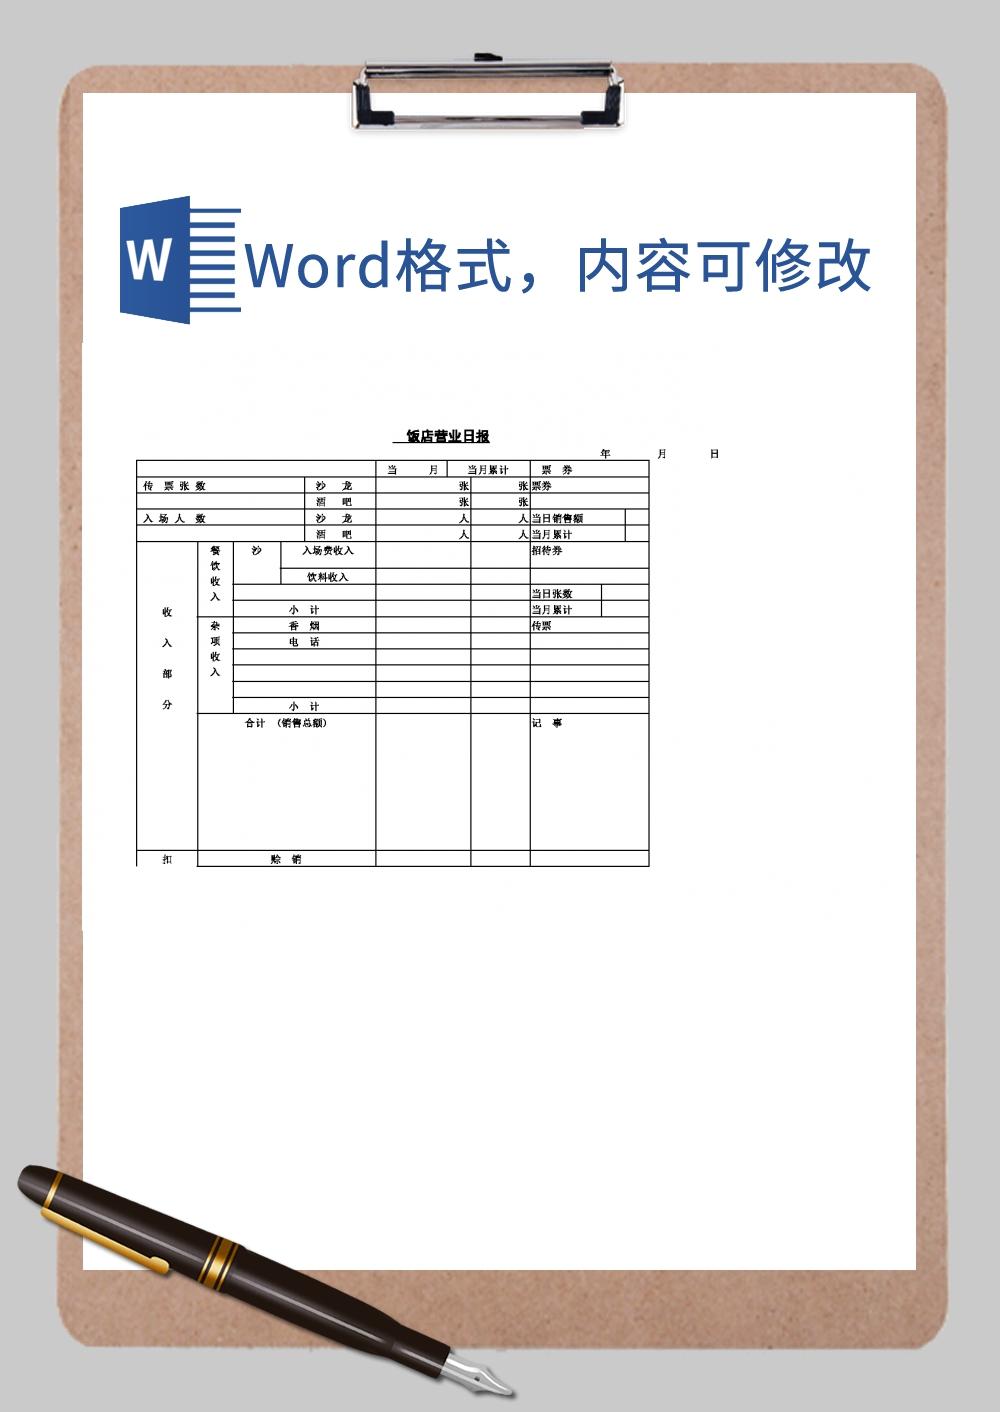 饭店营业日报表范本Word模板